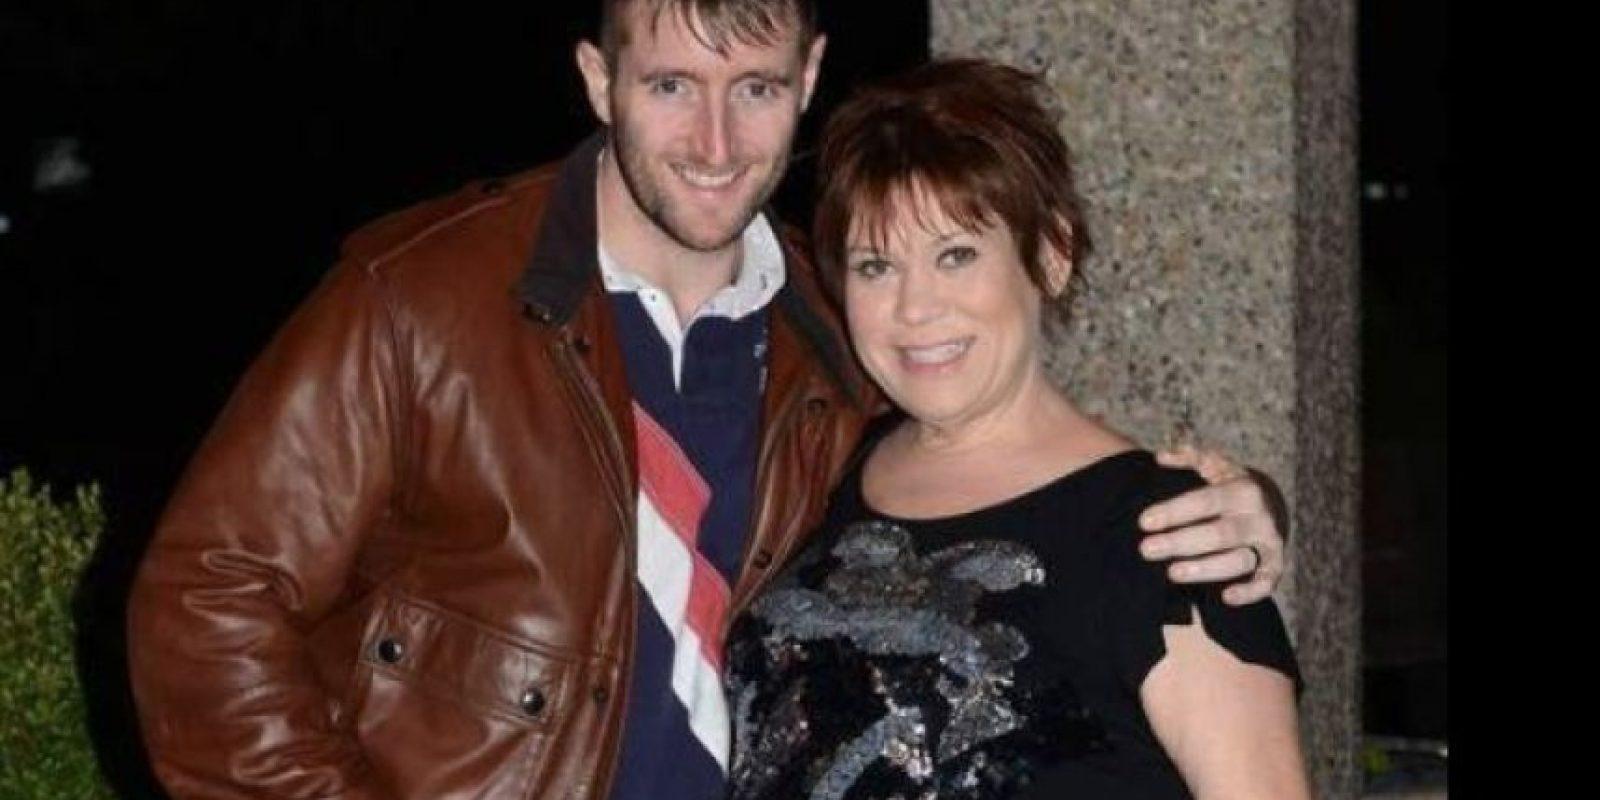 Tina y su esposo Foto:Vía Twitter/@TinaMalone